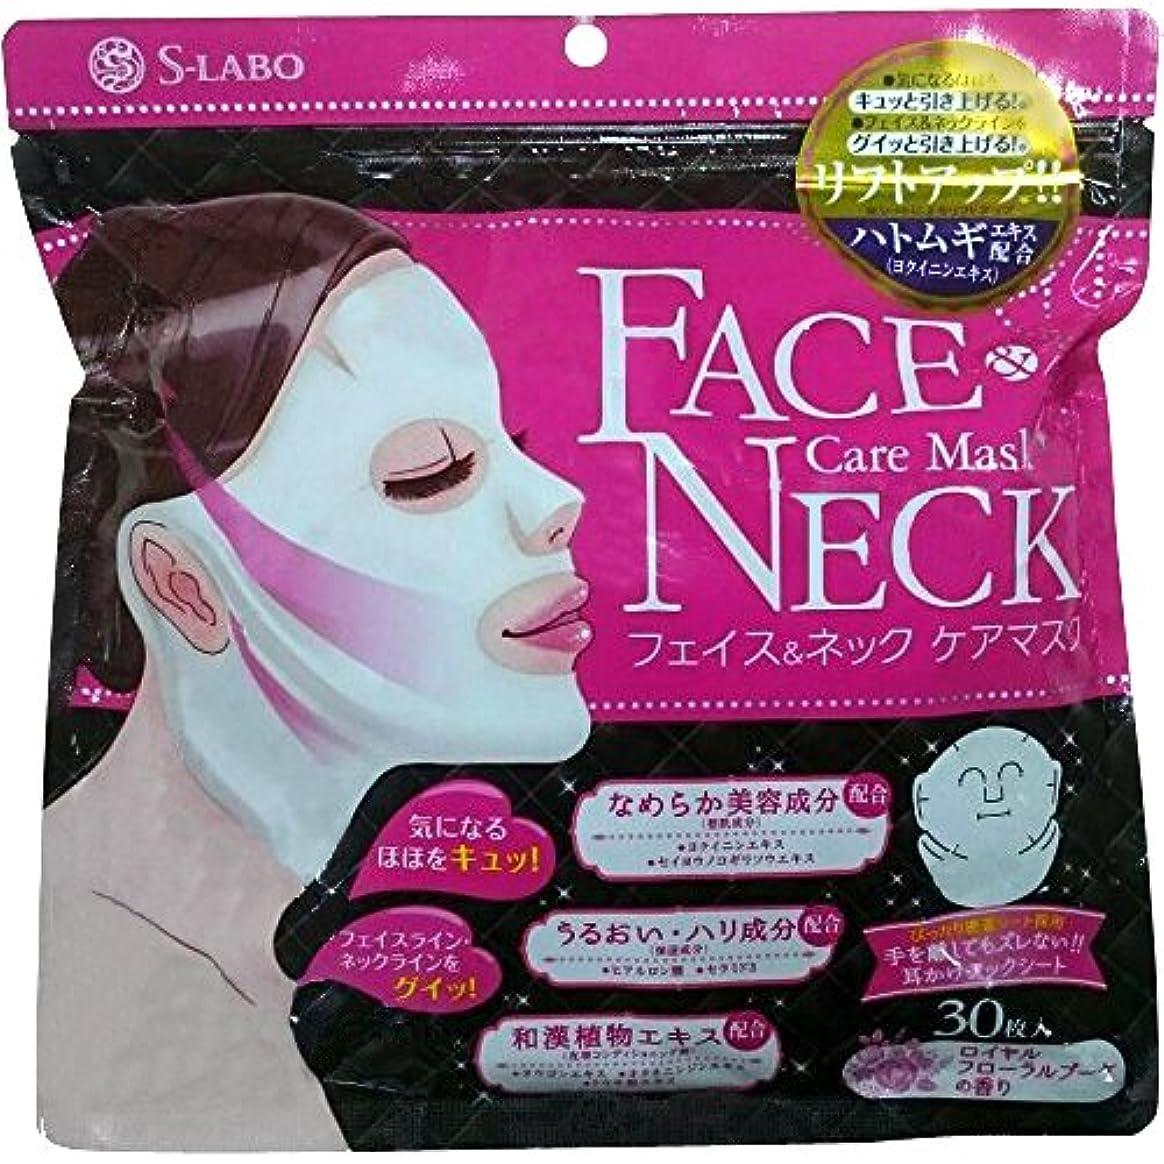 節約ランタンナプキンS-LABO フェイス & ネックケアマスク (30枚入)